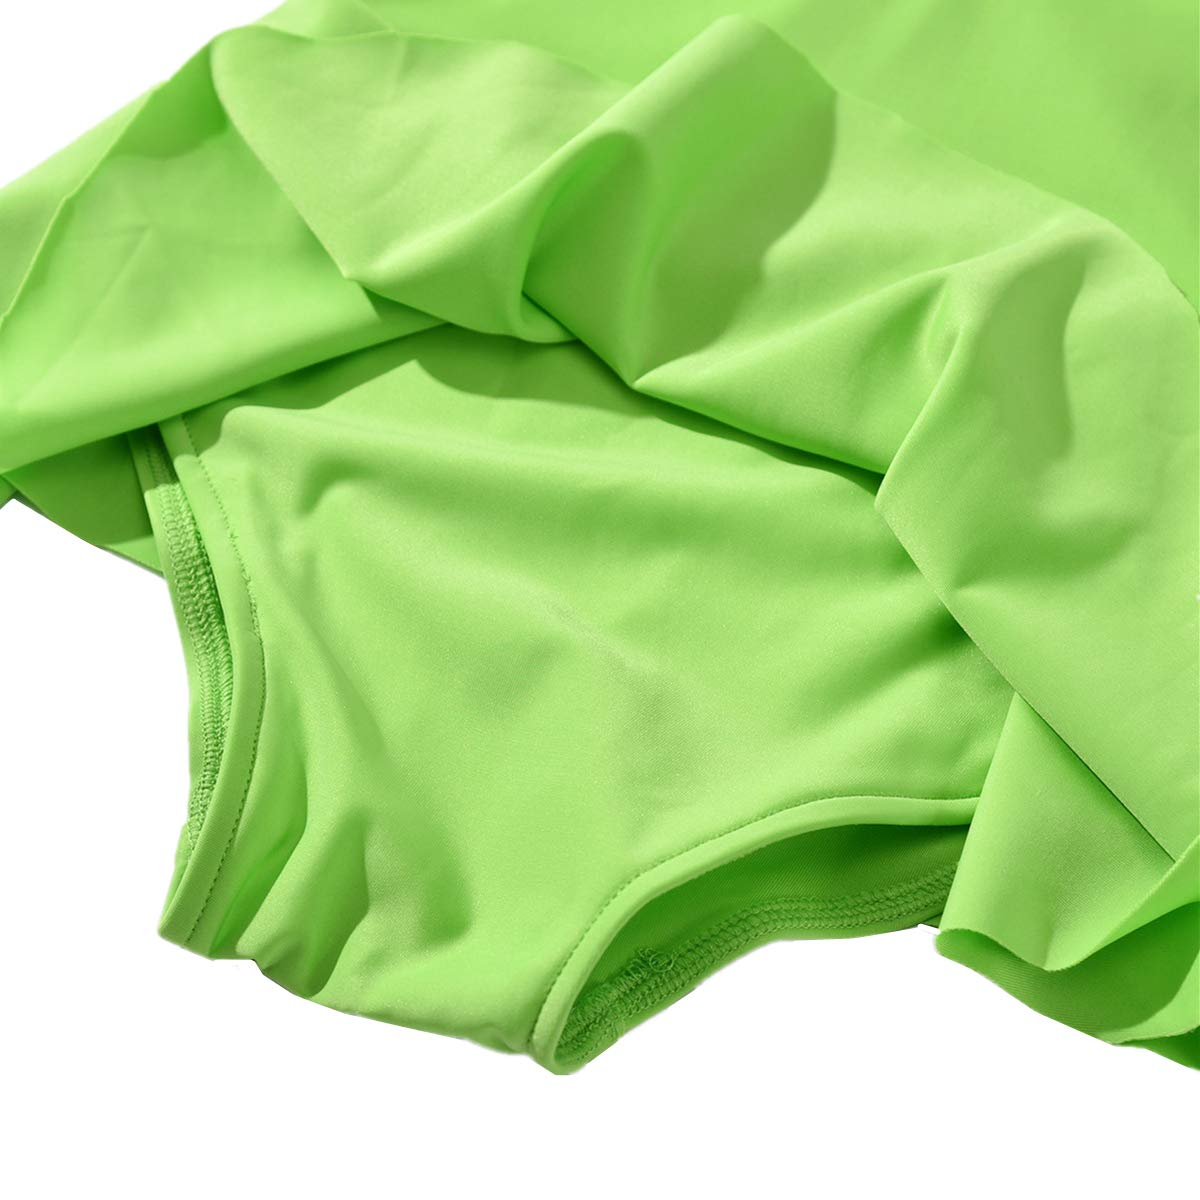 Baby Kid Girls Swimsuit Swimwear One Piece Toddler Ruffle Skirt Rashguard UPF 50 2-7t